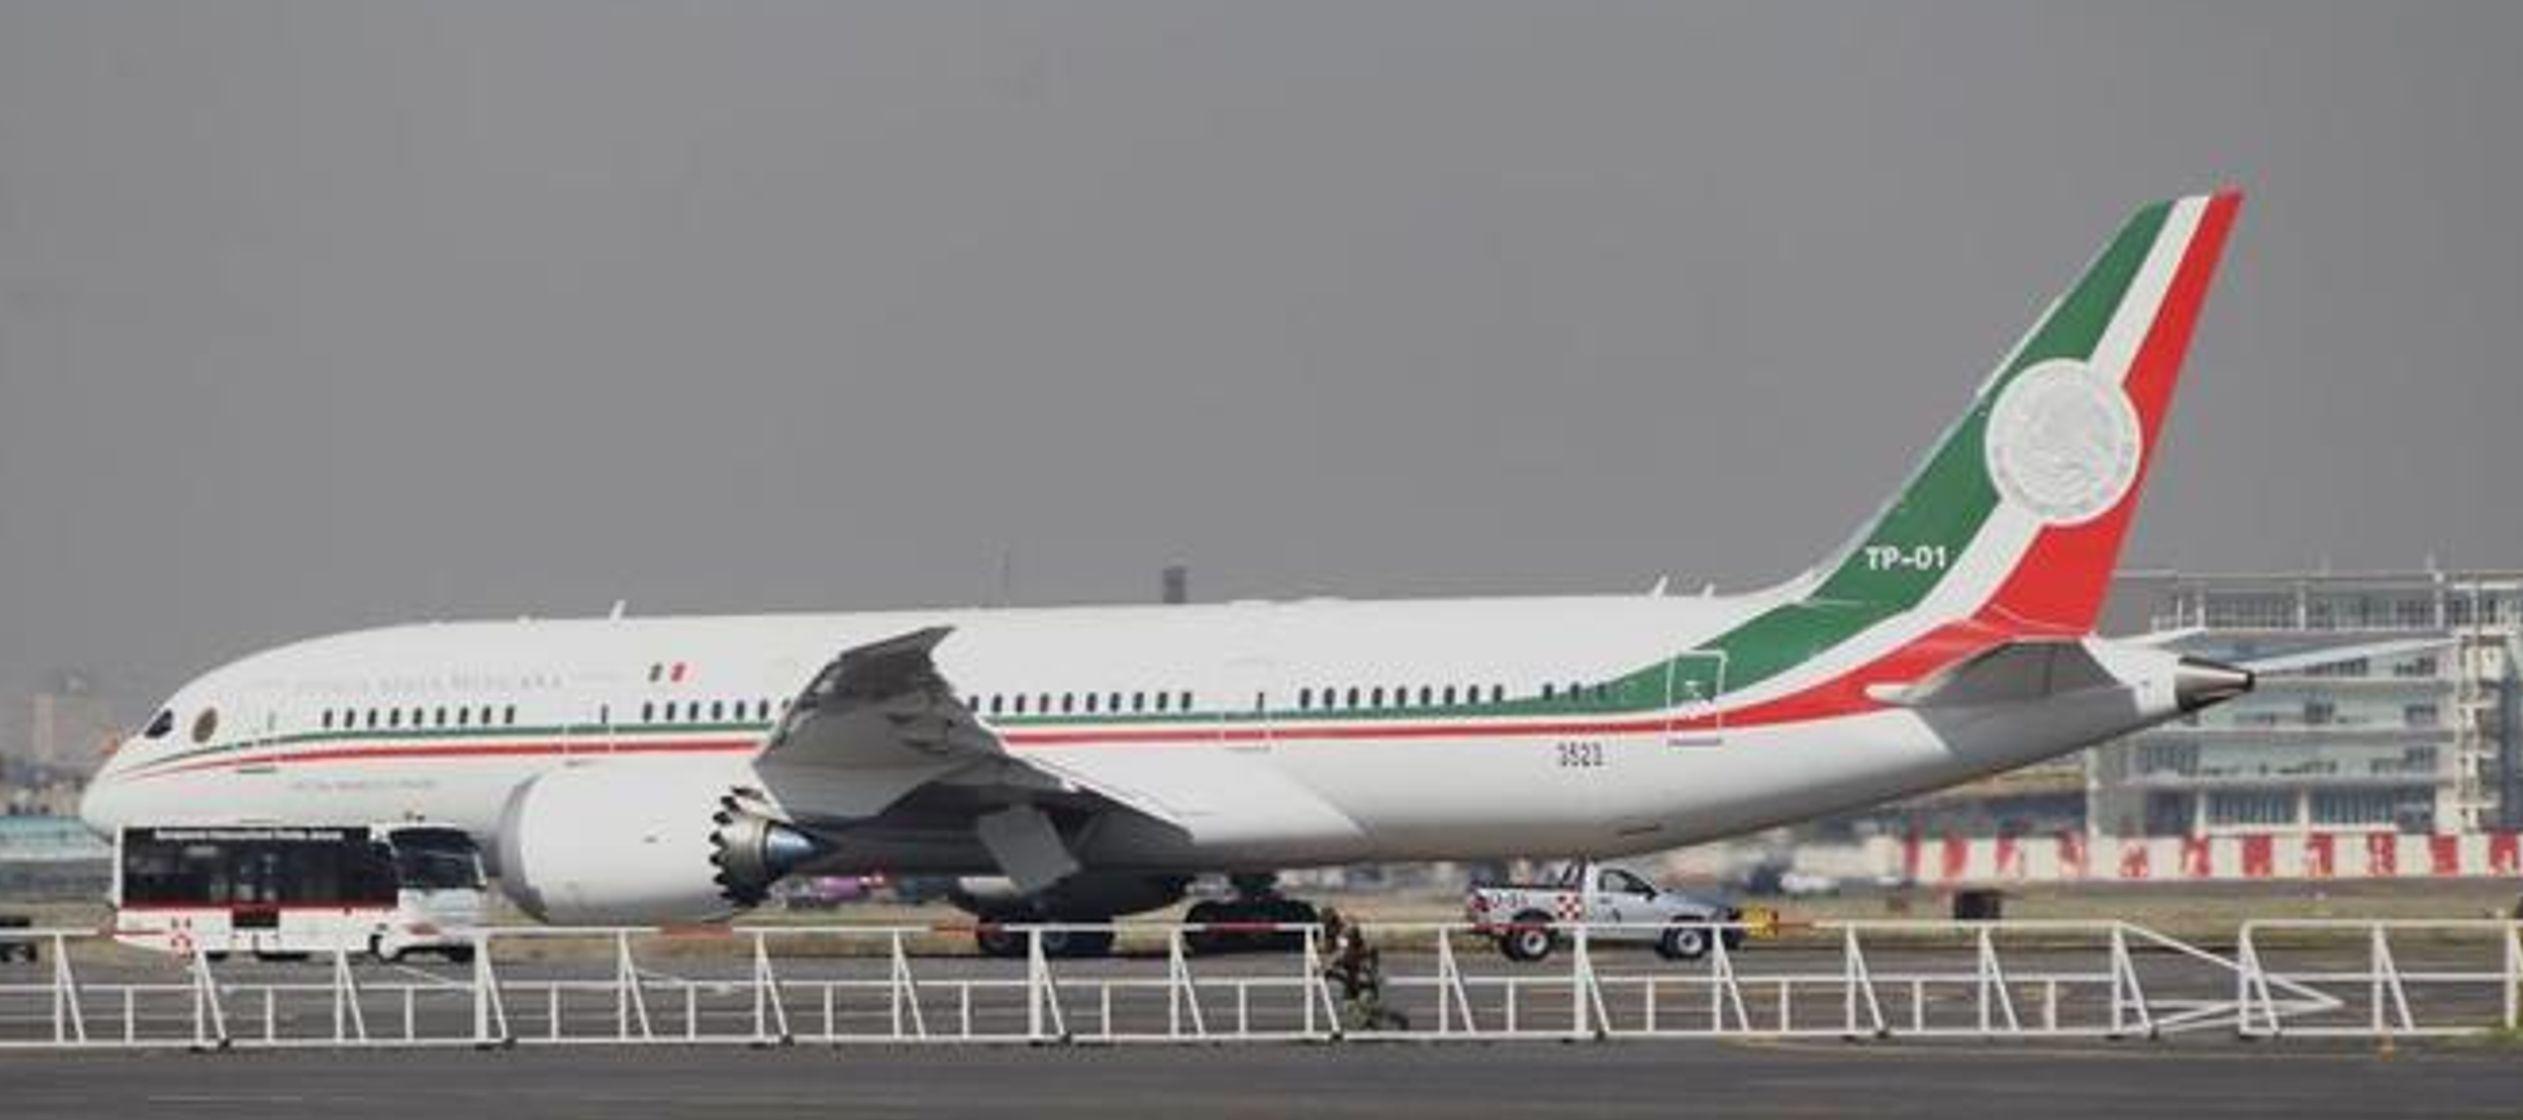 El Boeing 787-8, de 57 metros de largo y 60 de ancho, ha despegado alrededor de las 11.00 horas...